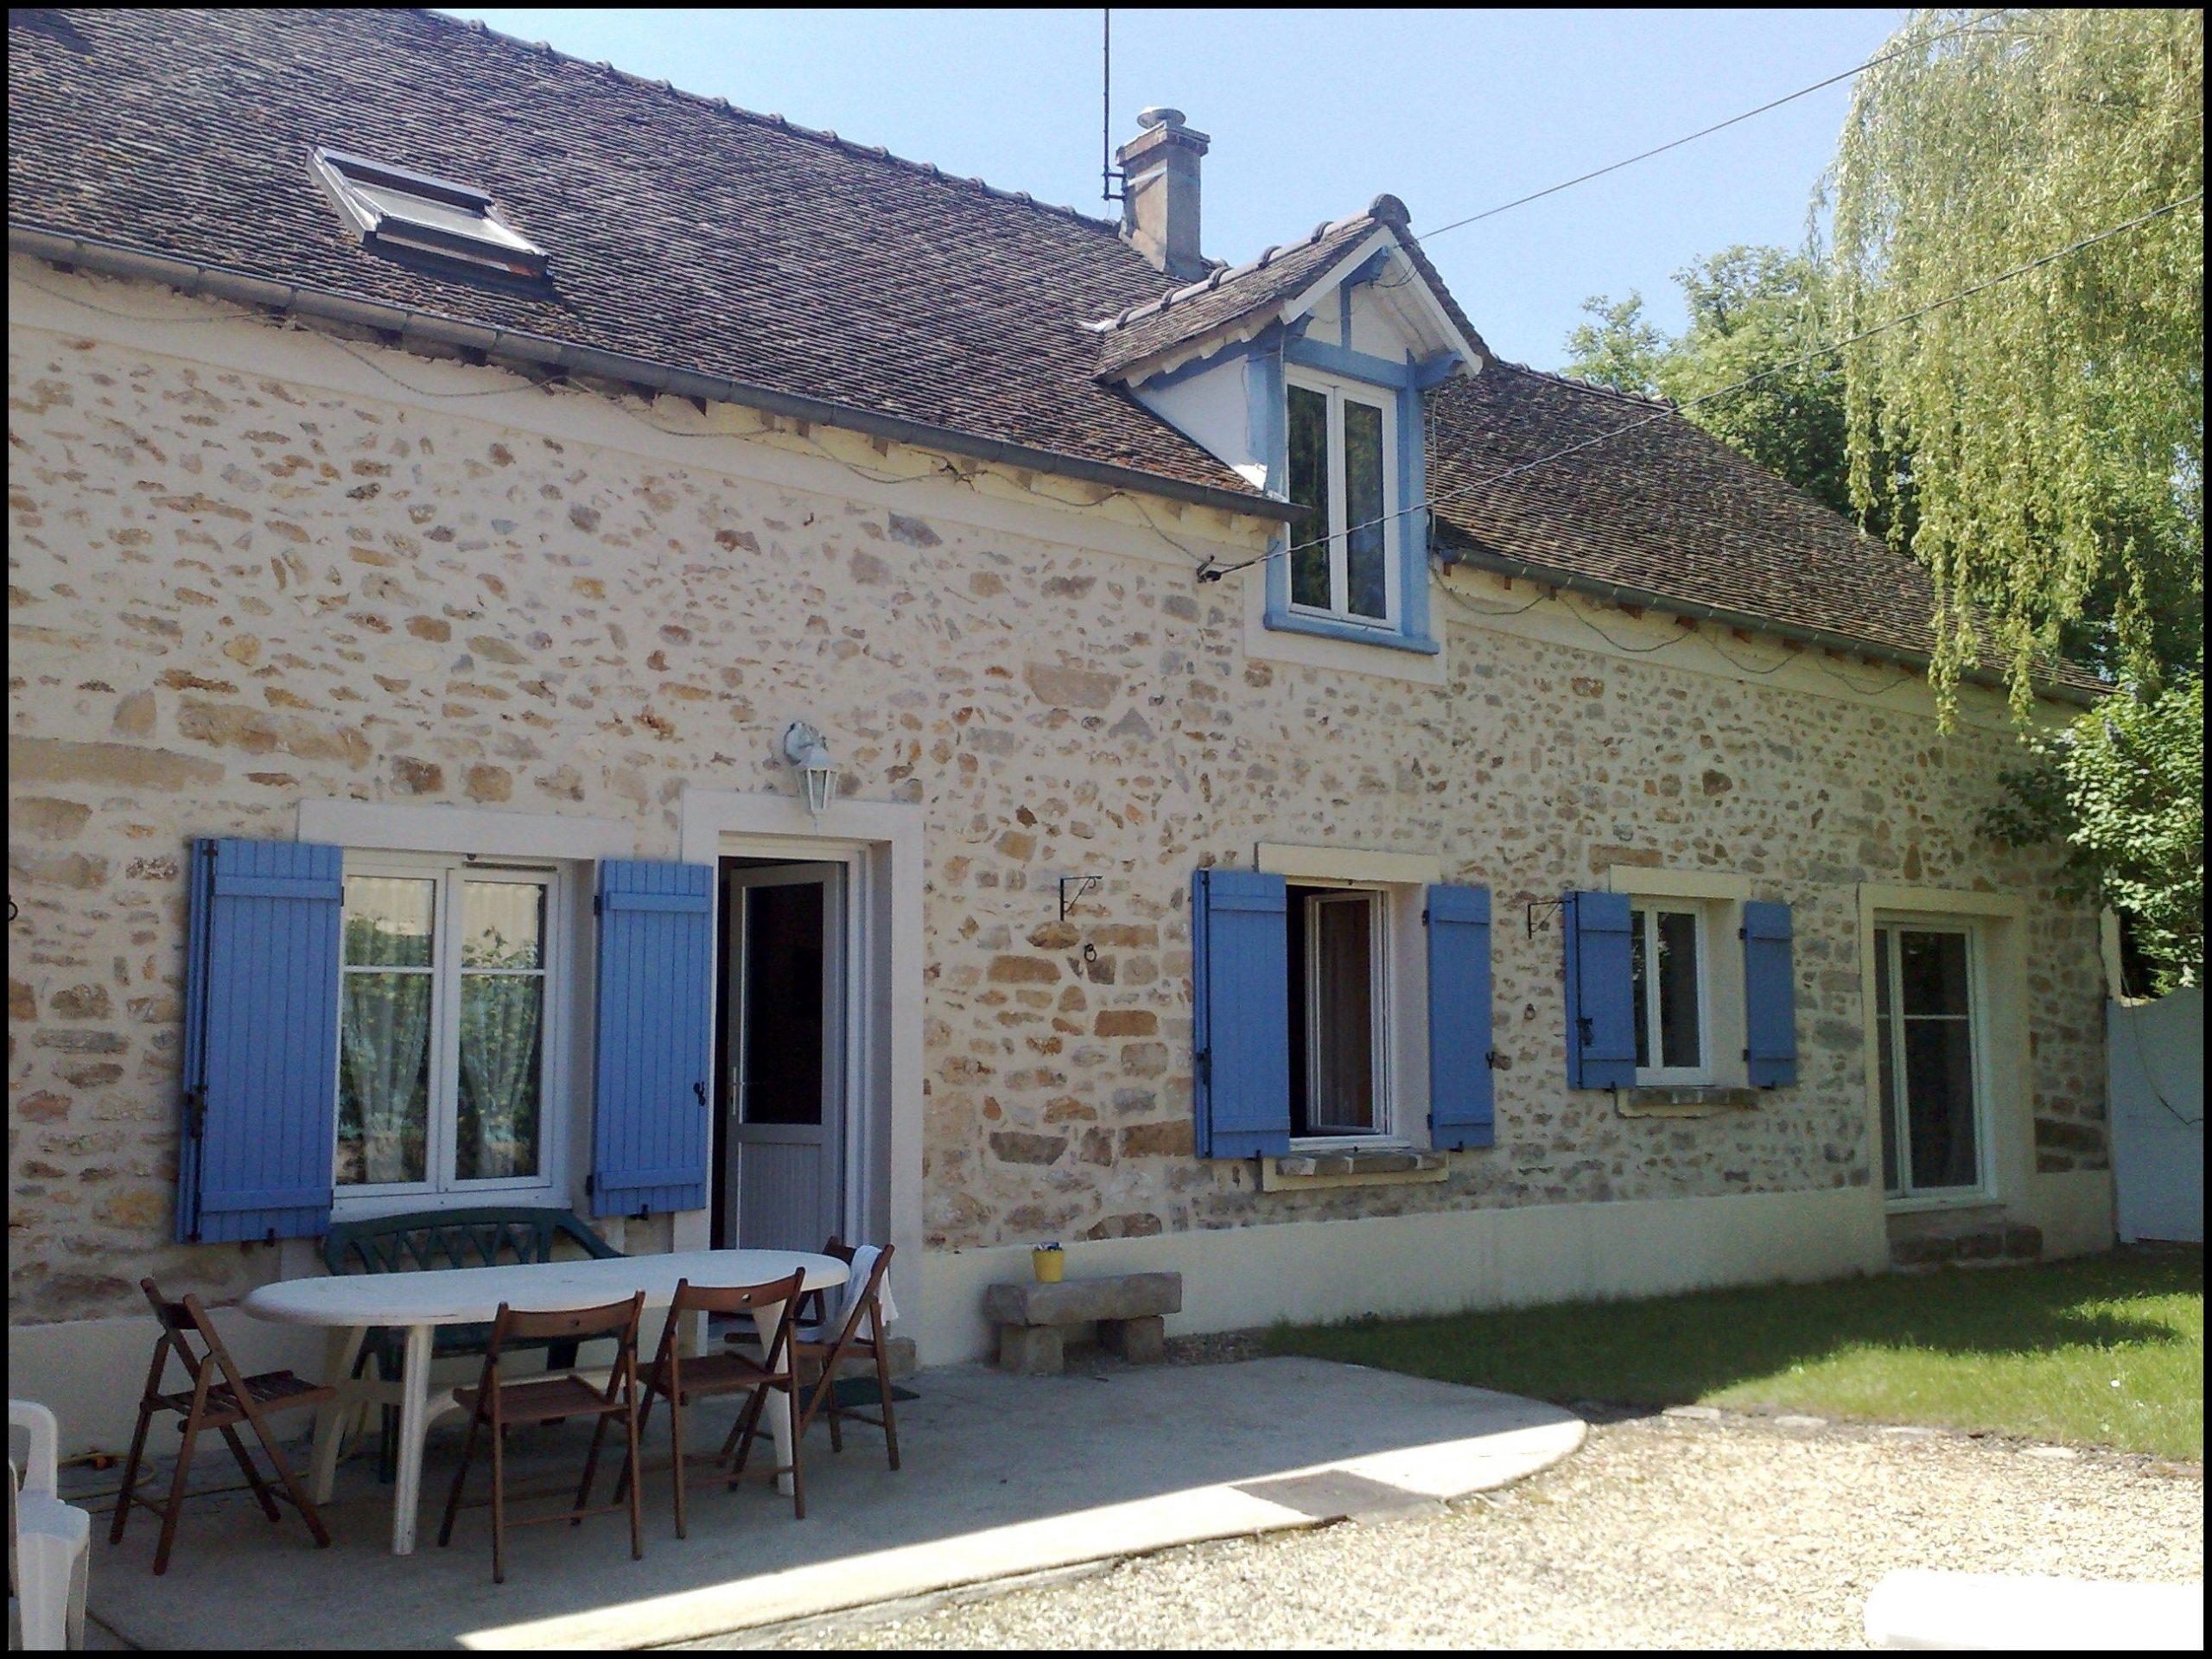 Lovely Le Bon Coin 13 Ventes Immobilieres | Outdoor Decor ... tout Le Bon Coin Serre De Jardin